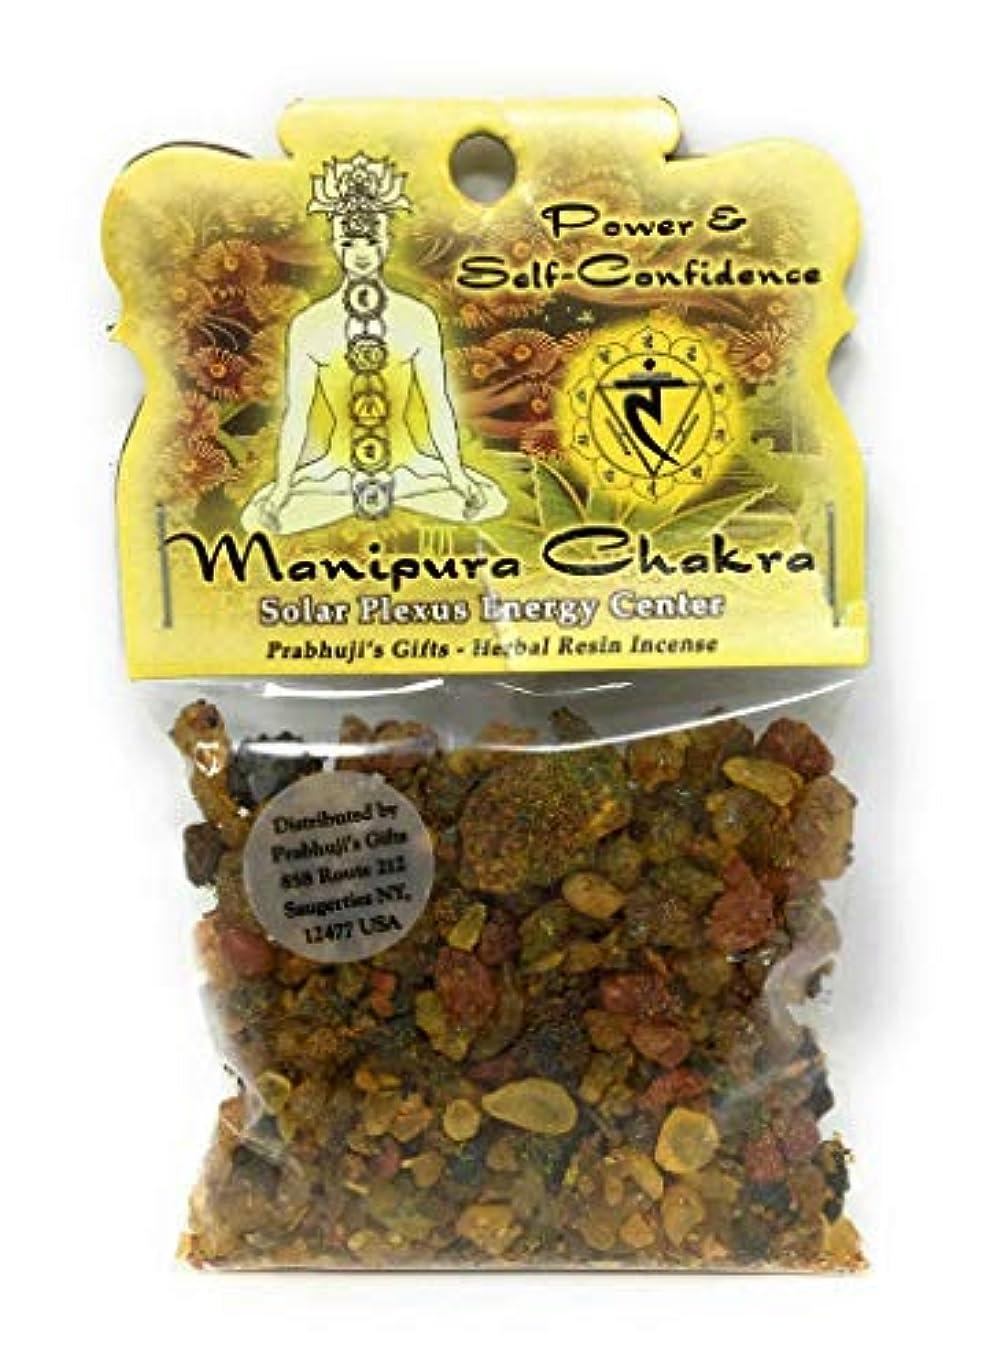 バンジージャンプ計算可能最後の樹脂Incense Solar Plexus Chakra Manipura – self-confidenceと変換 – 1.2ozバッグ